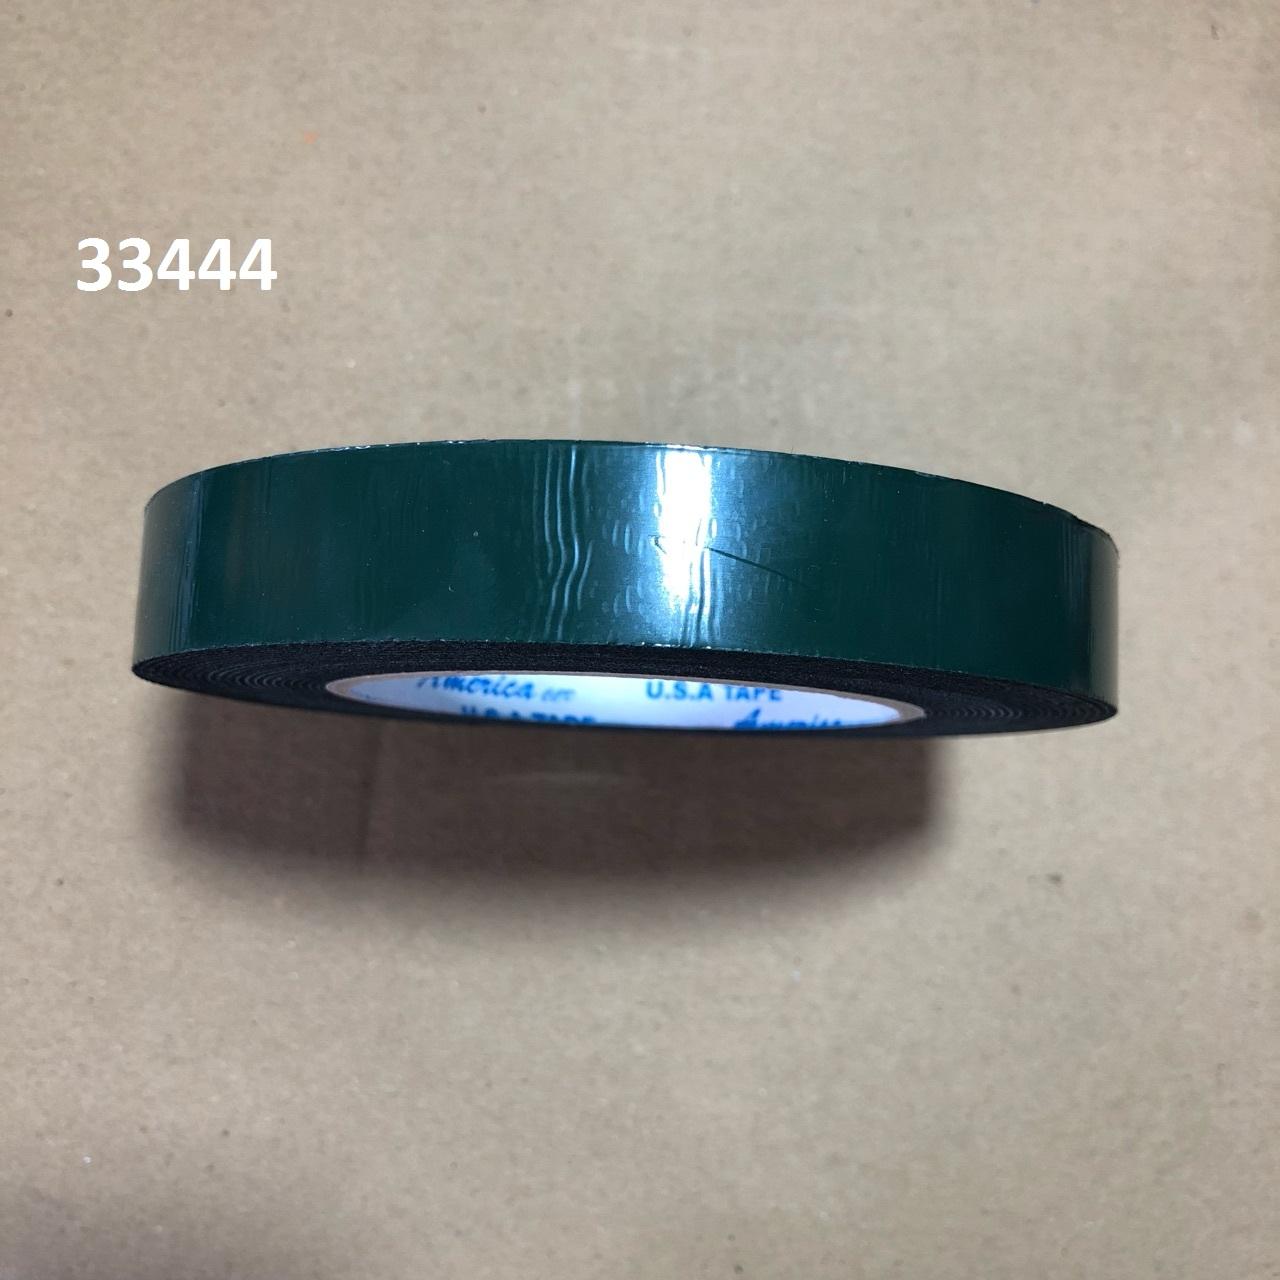 Băng keo xốp 2 mặt màu xanh đậm, bản rộng 1p2 Oem-31 OEM-31